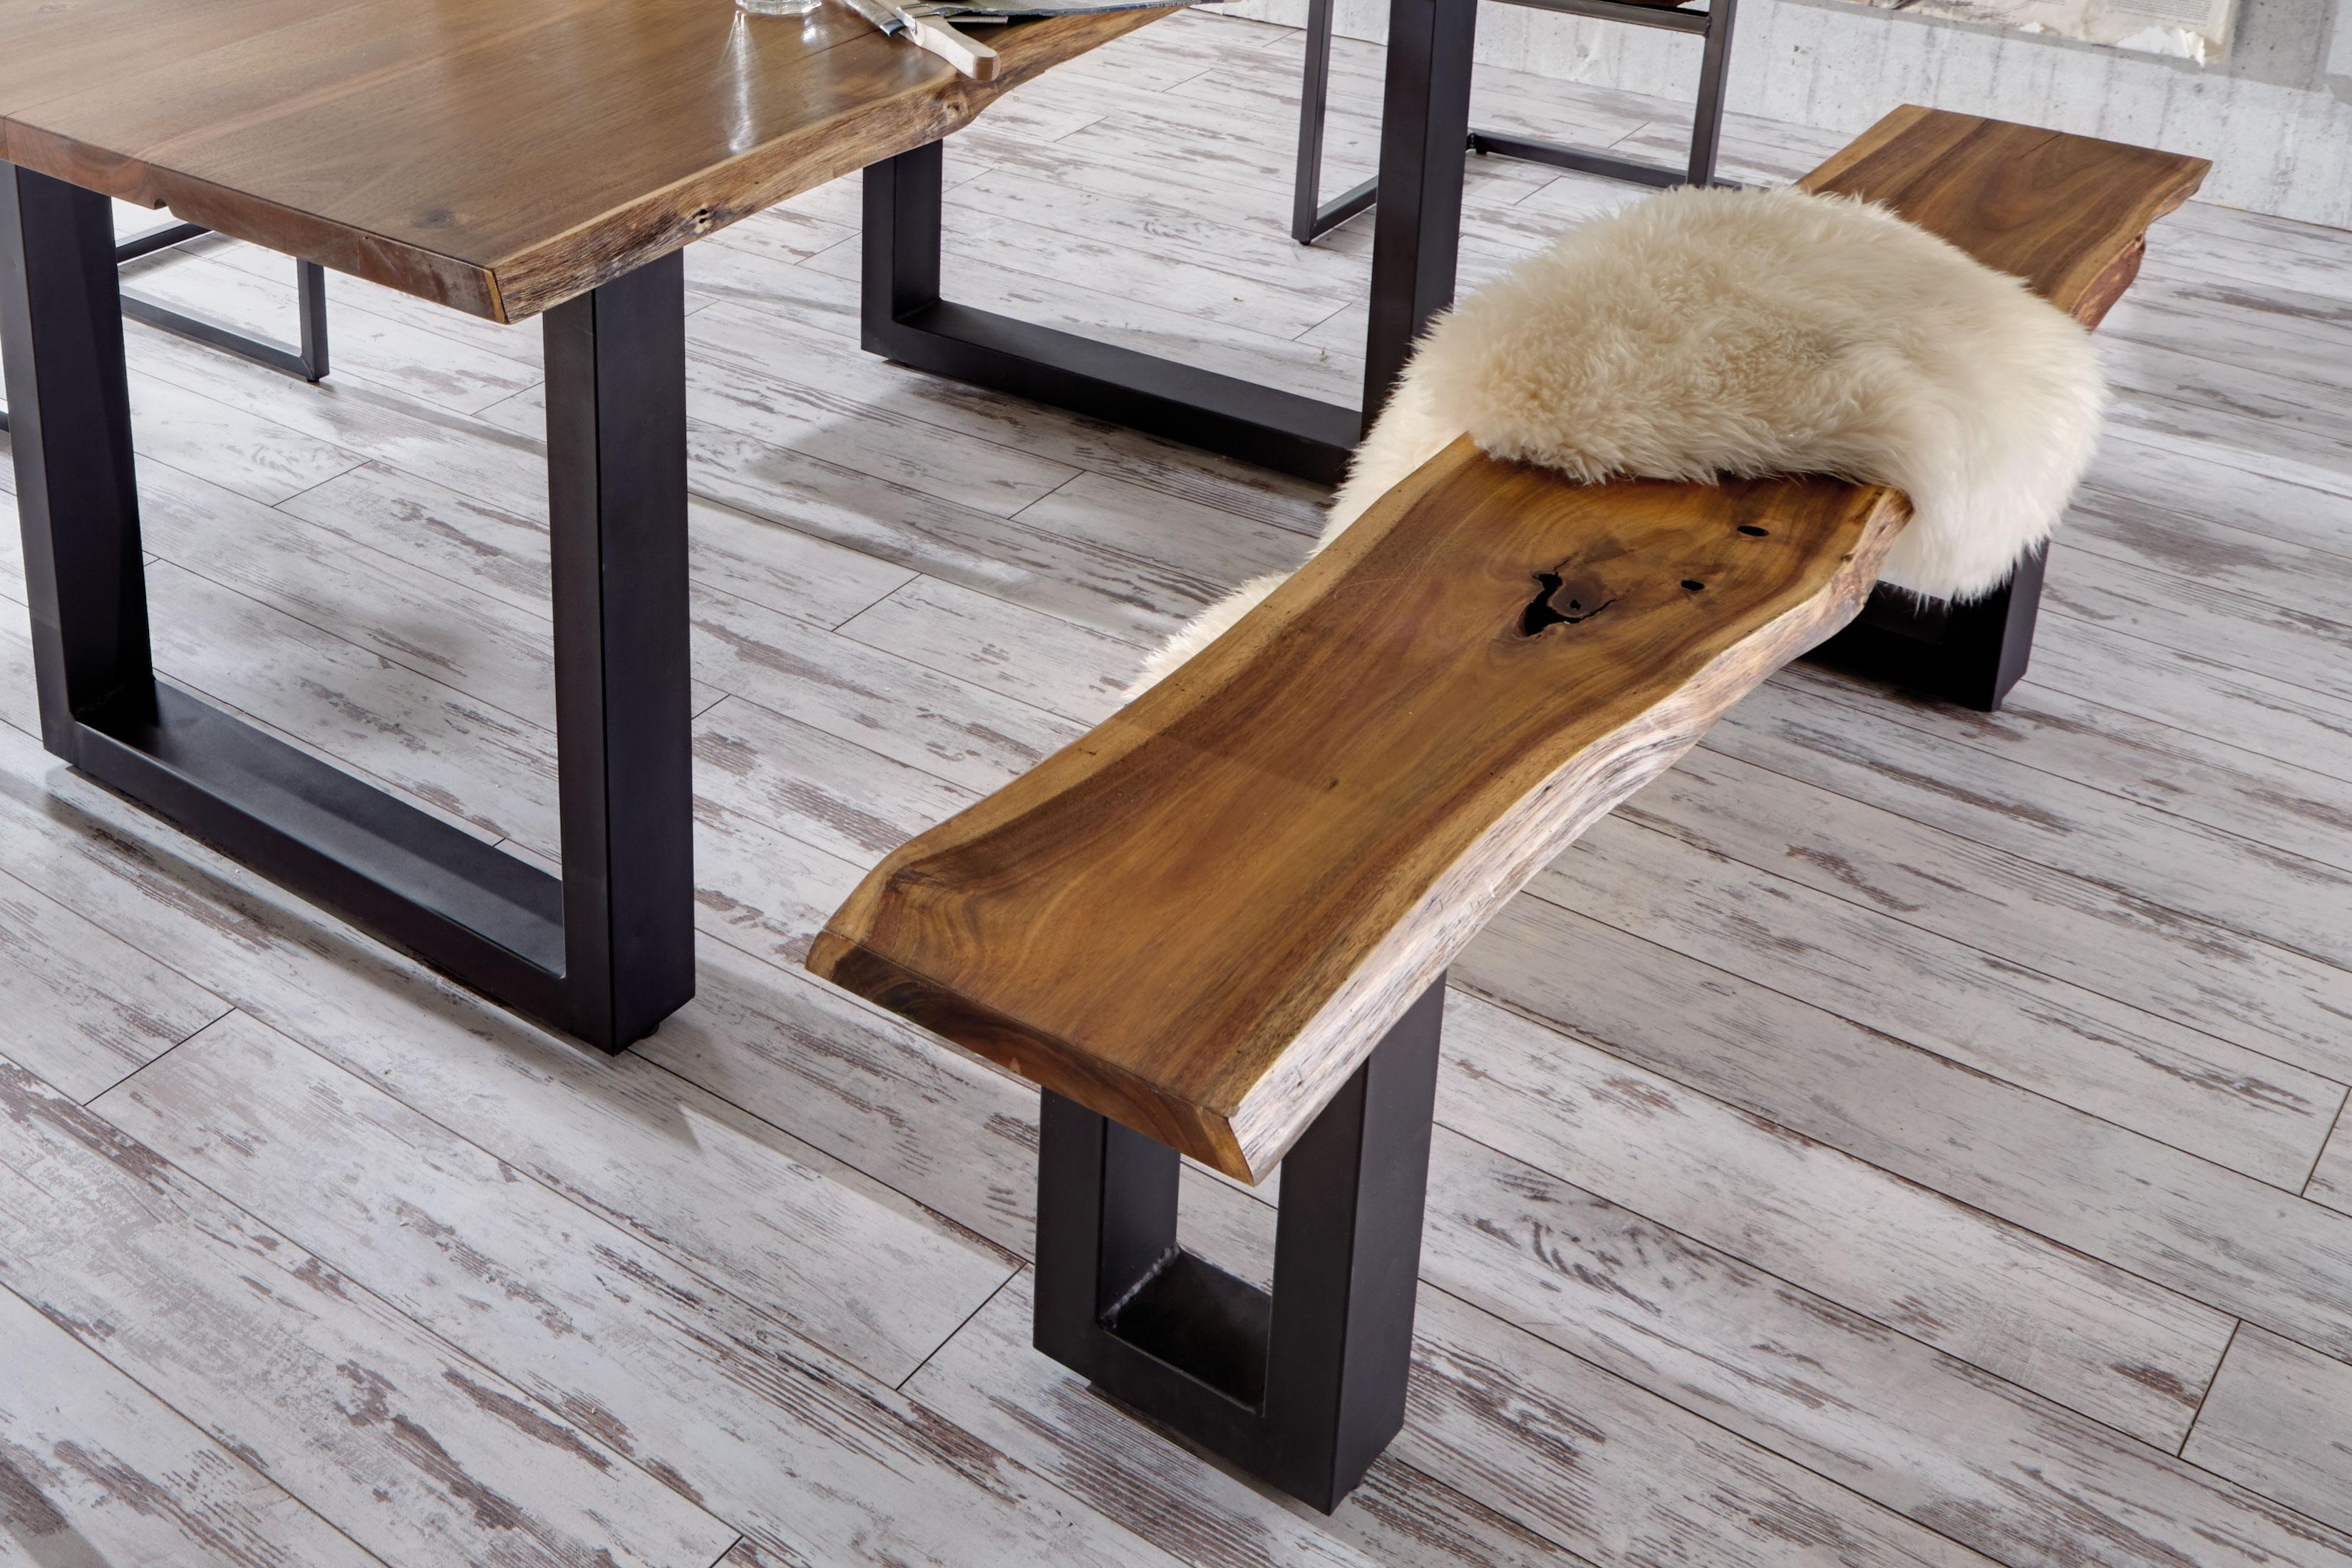 Esstisch Queens Tisch Esszimmer Akazie Massiv ~ Esstisch Queens Akazie von massivdirekt  Möbel Letz  Ihr OnlineShop